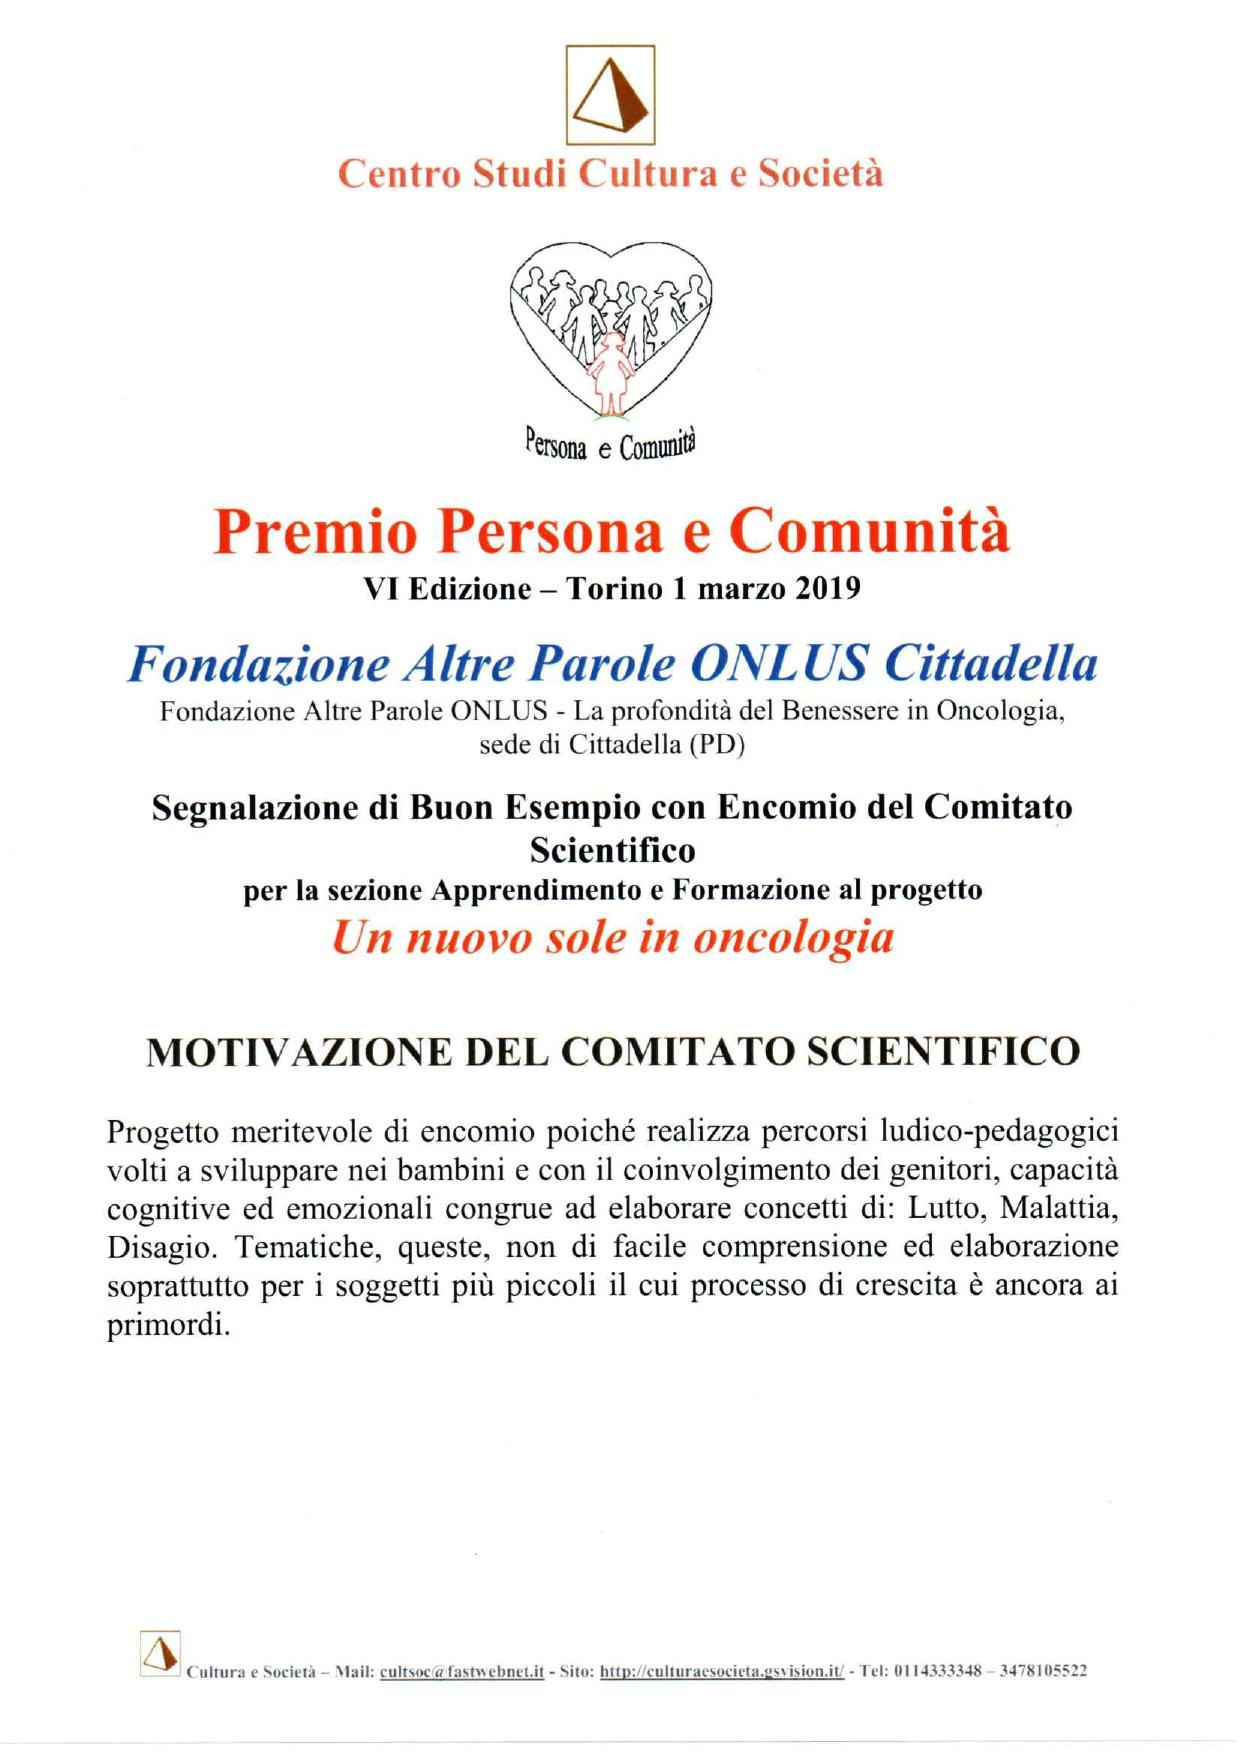 Premio Persona e Comunità